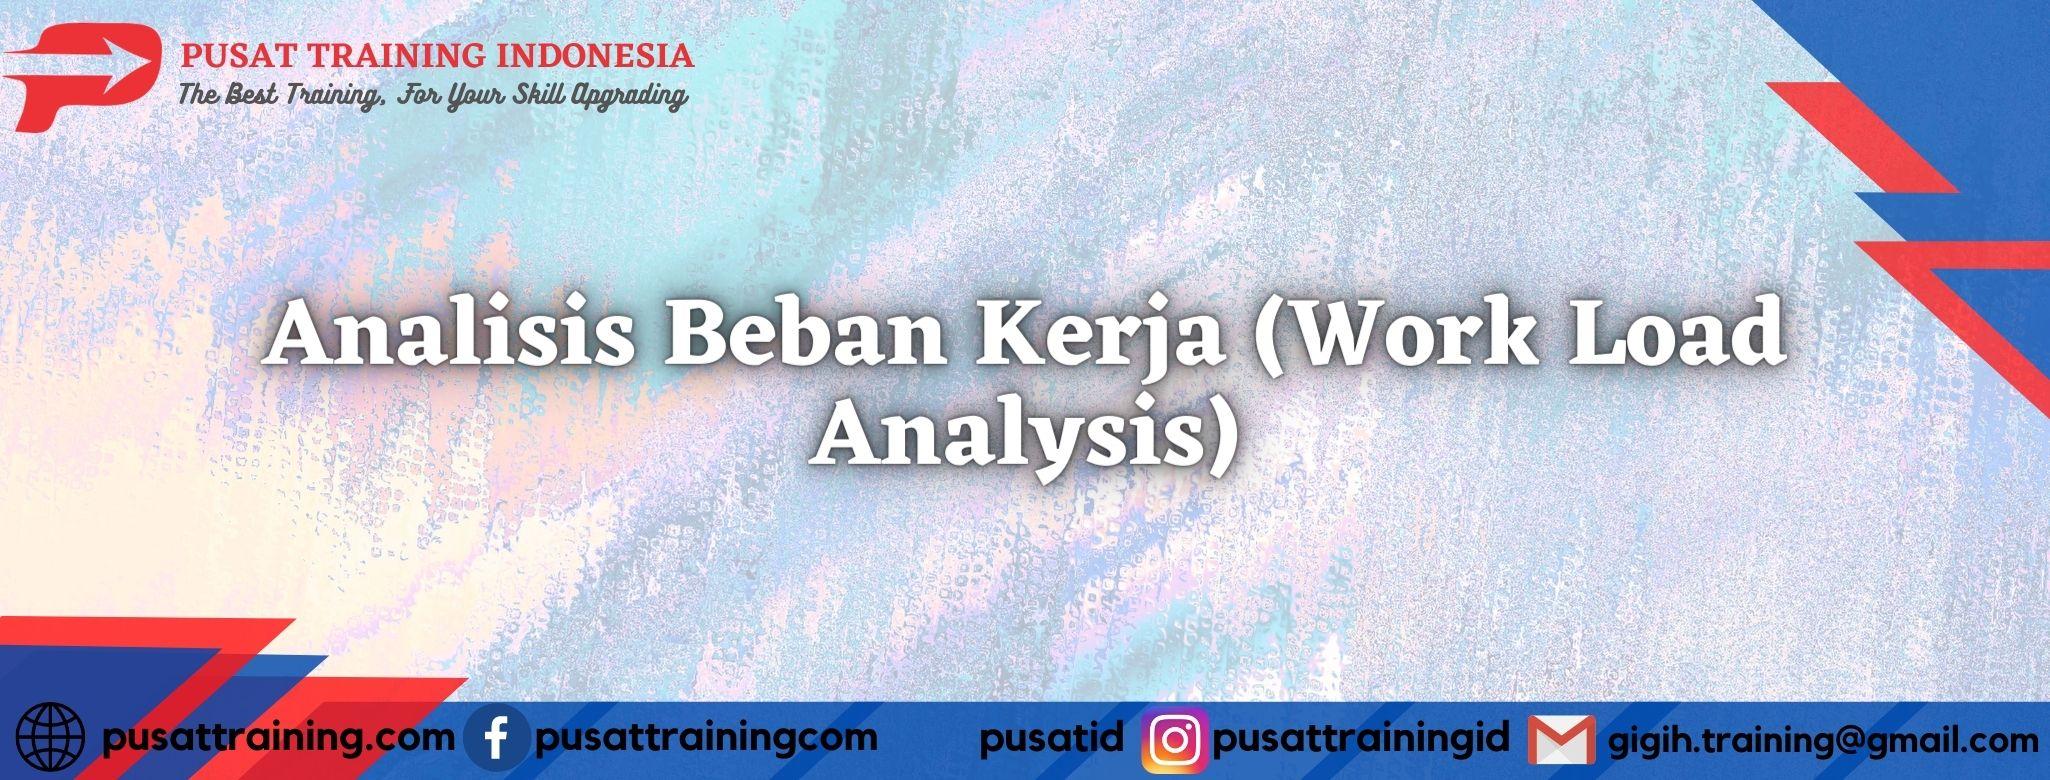 Analisis-Beban-Kerja-Work-Load-Analysis